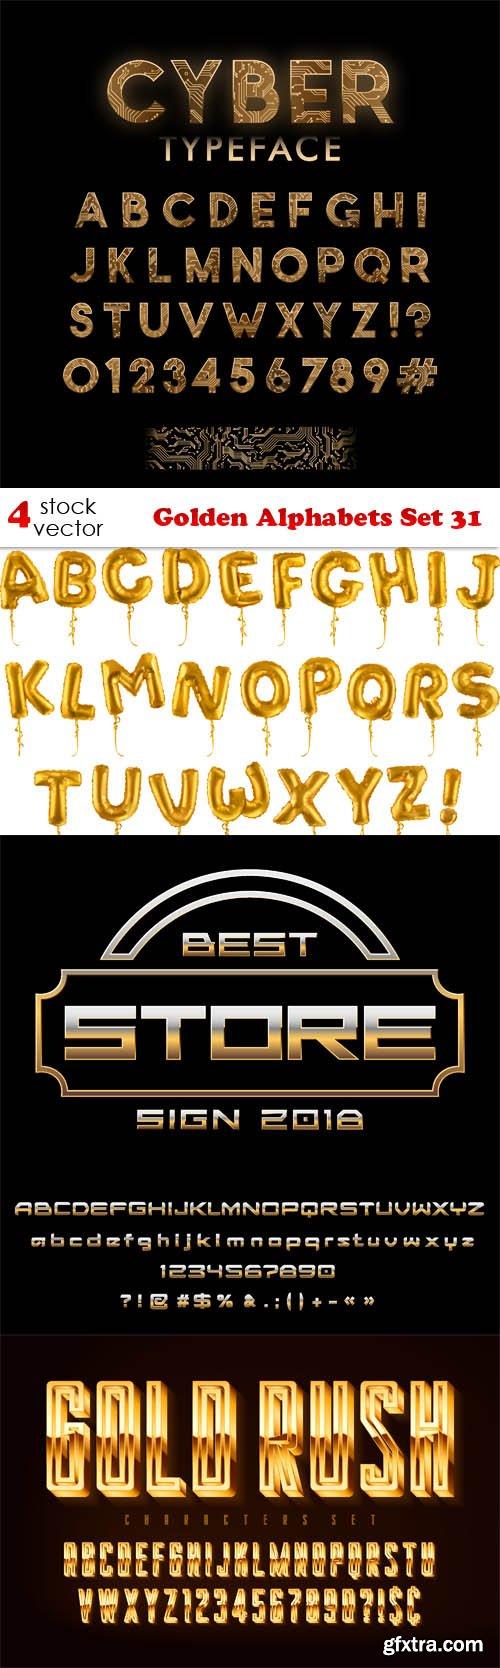 Vectors - Golden Alphabets Set 31